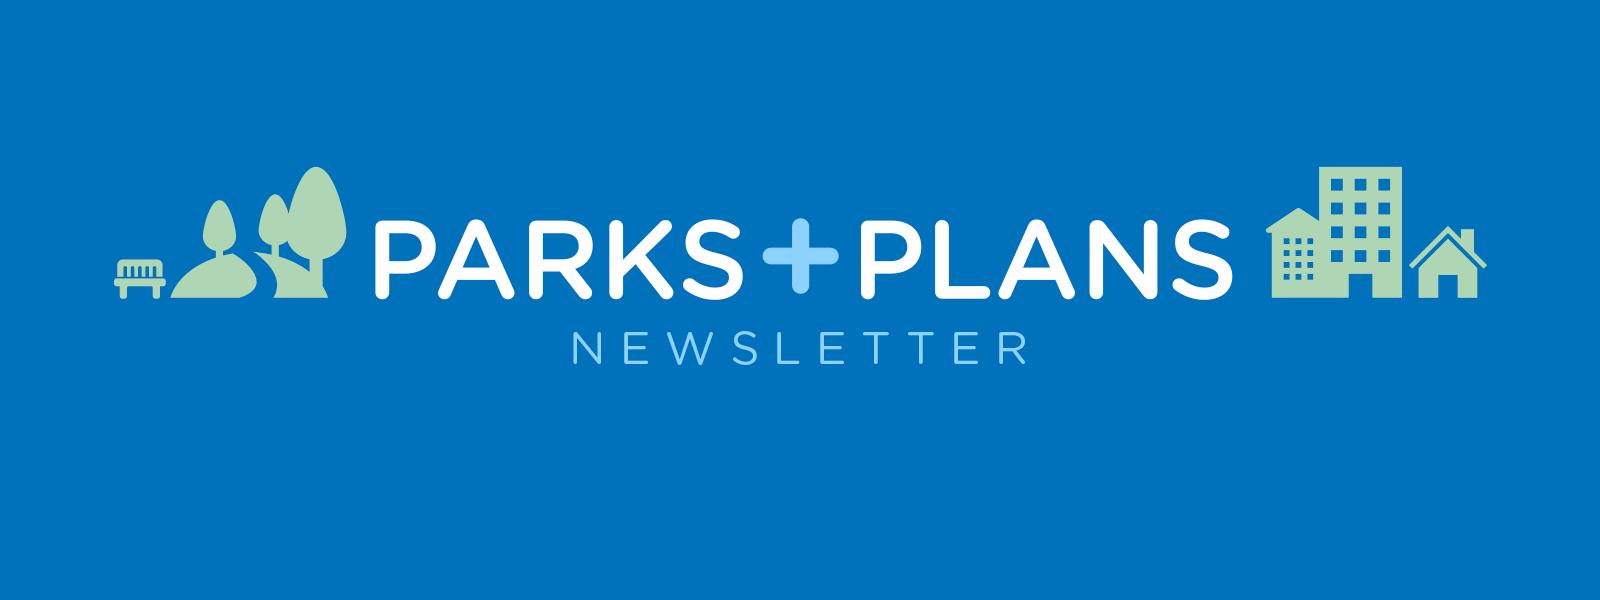 banner parks+plans